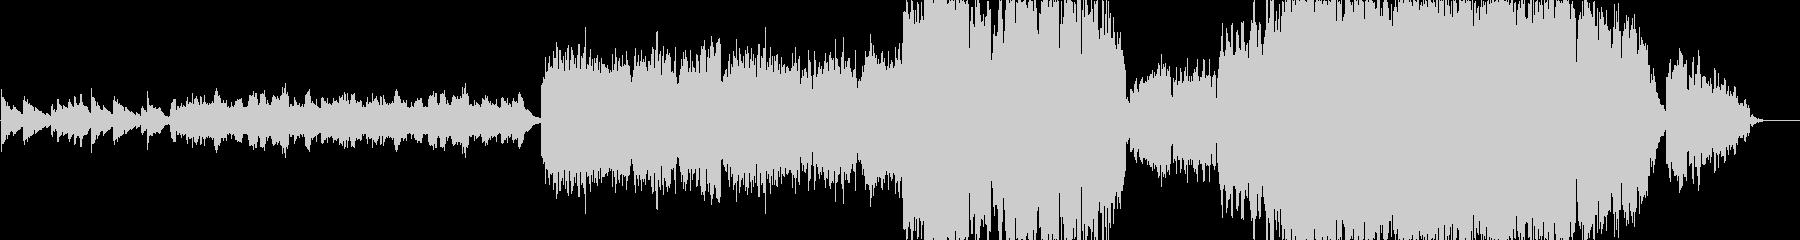 切ないピアノ&オーケストラの未再生の波形